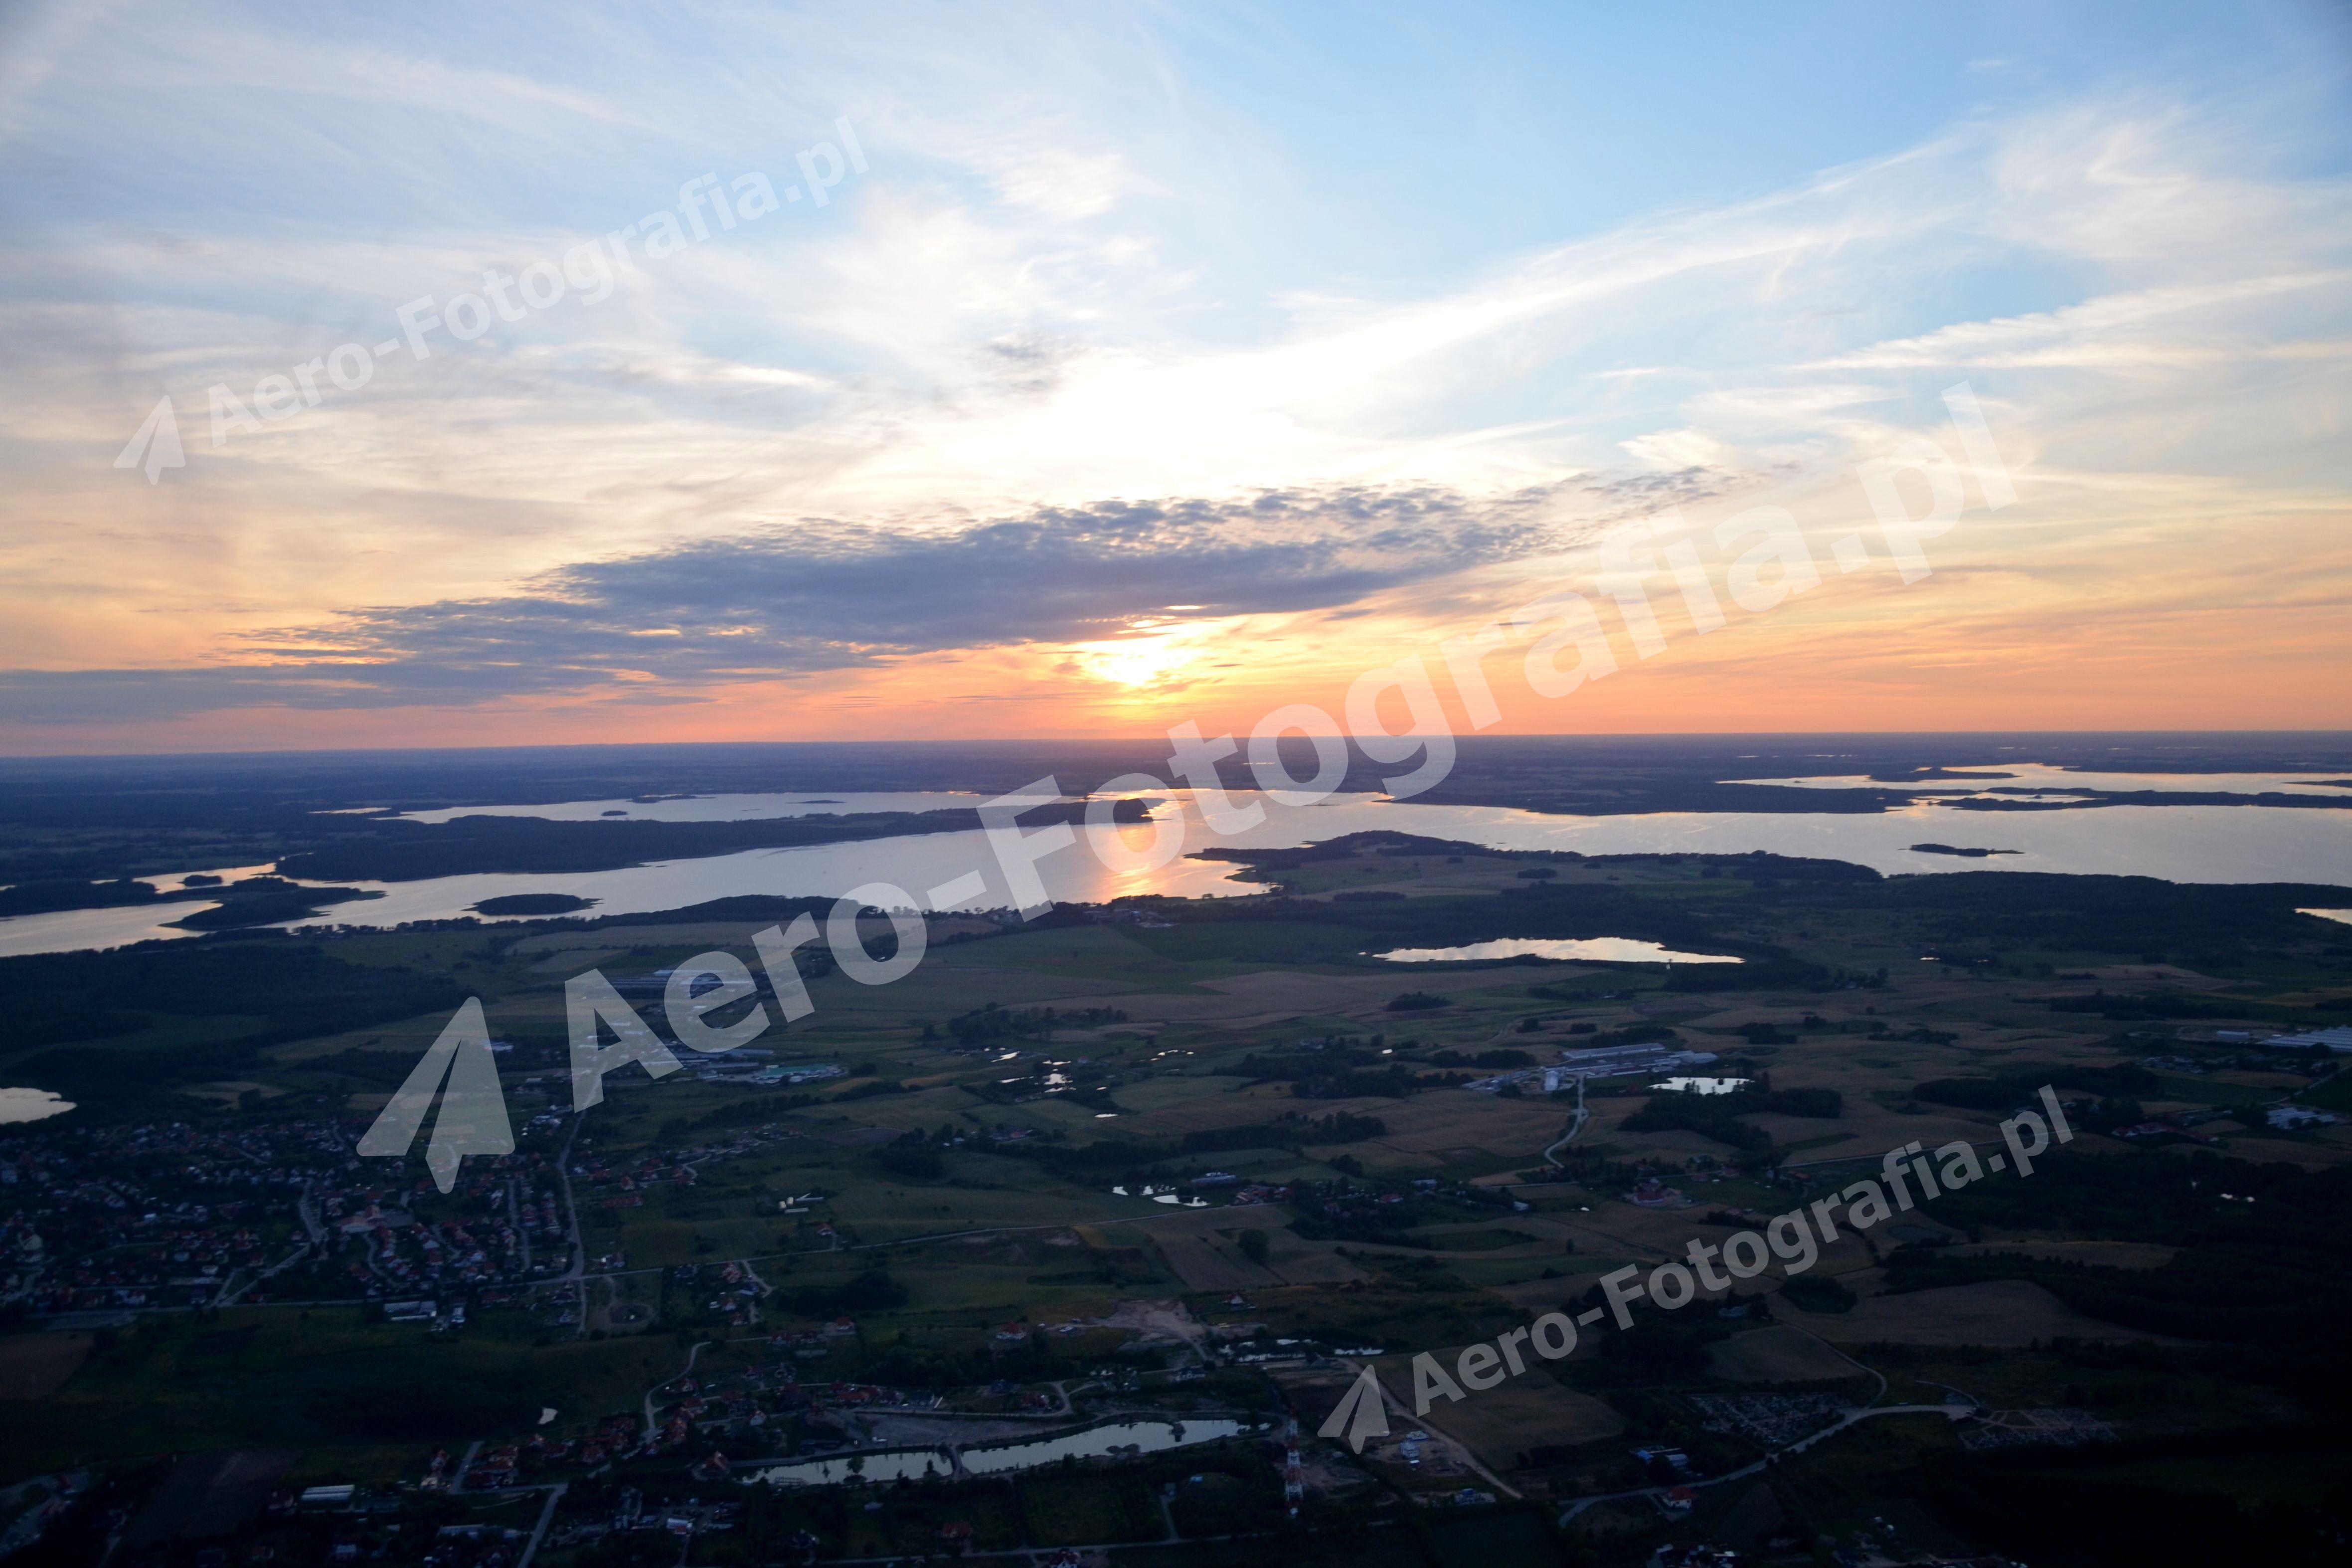 Niebo w kolorach zachodu słońca, nad mazurskimi jeziorami.